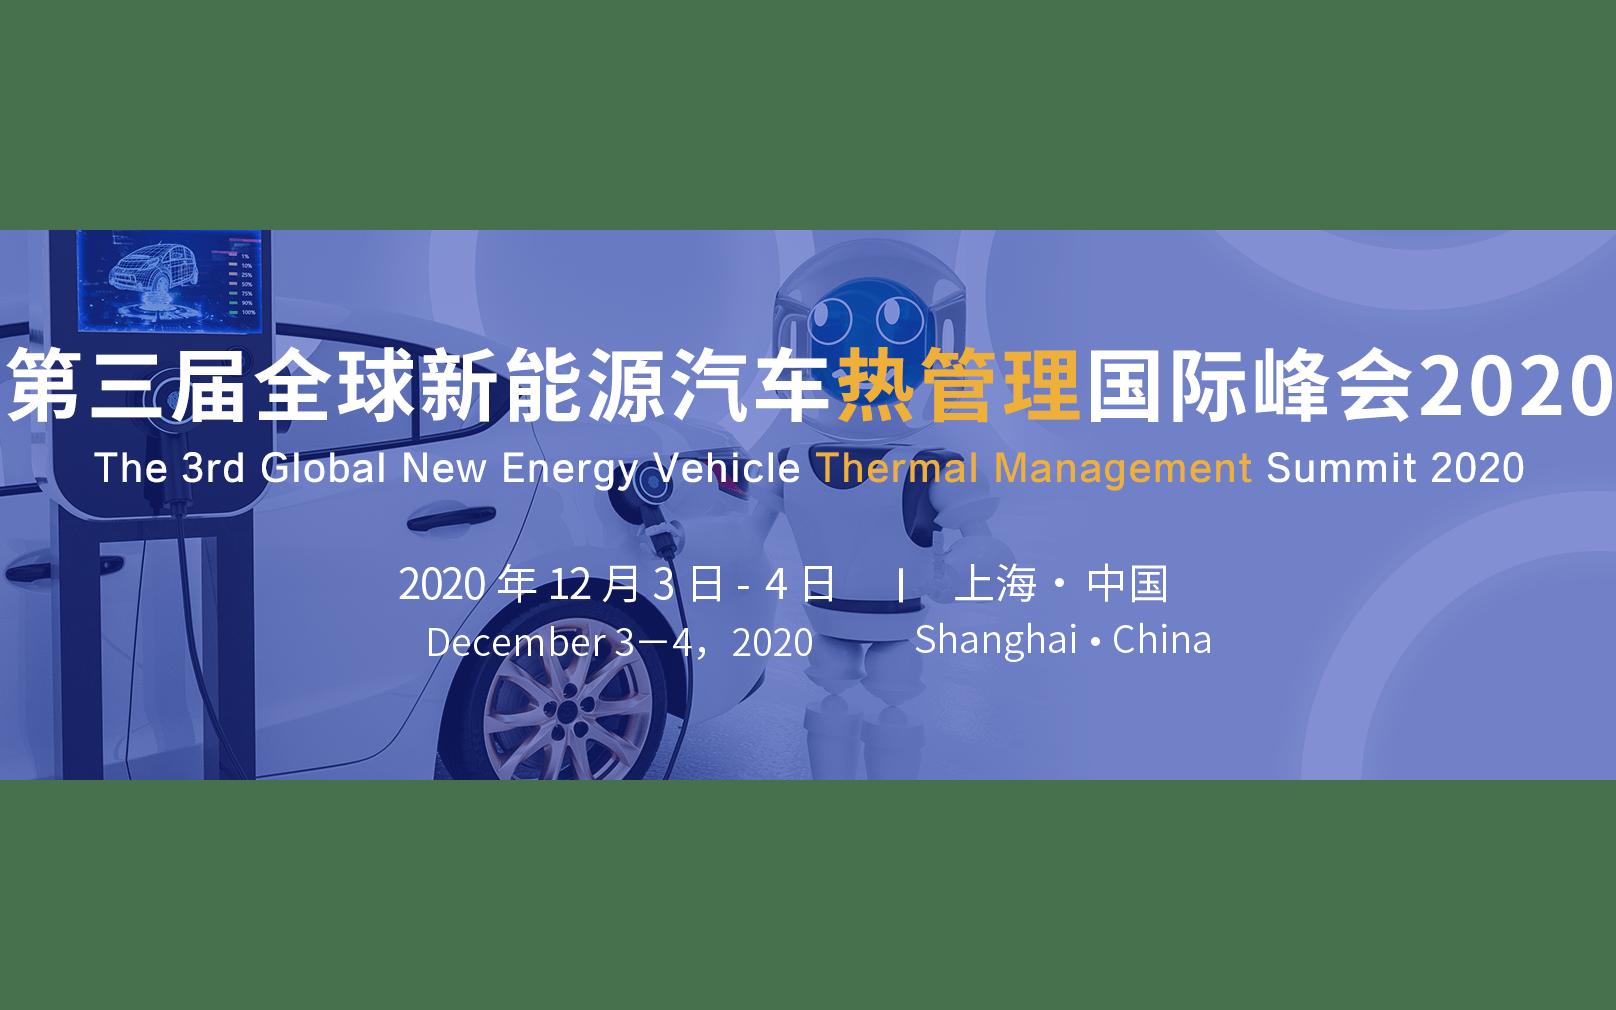 第三屆全球新能源汽車熱管理國際峰會2020